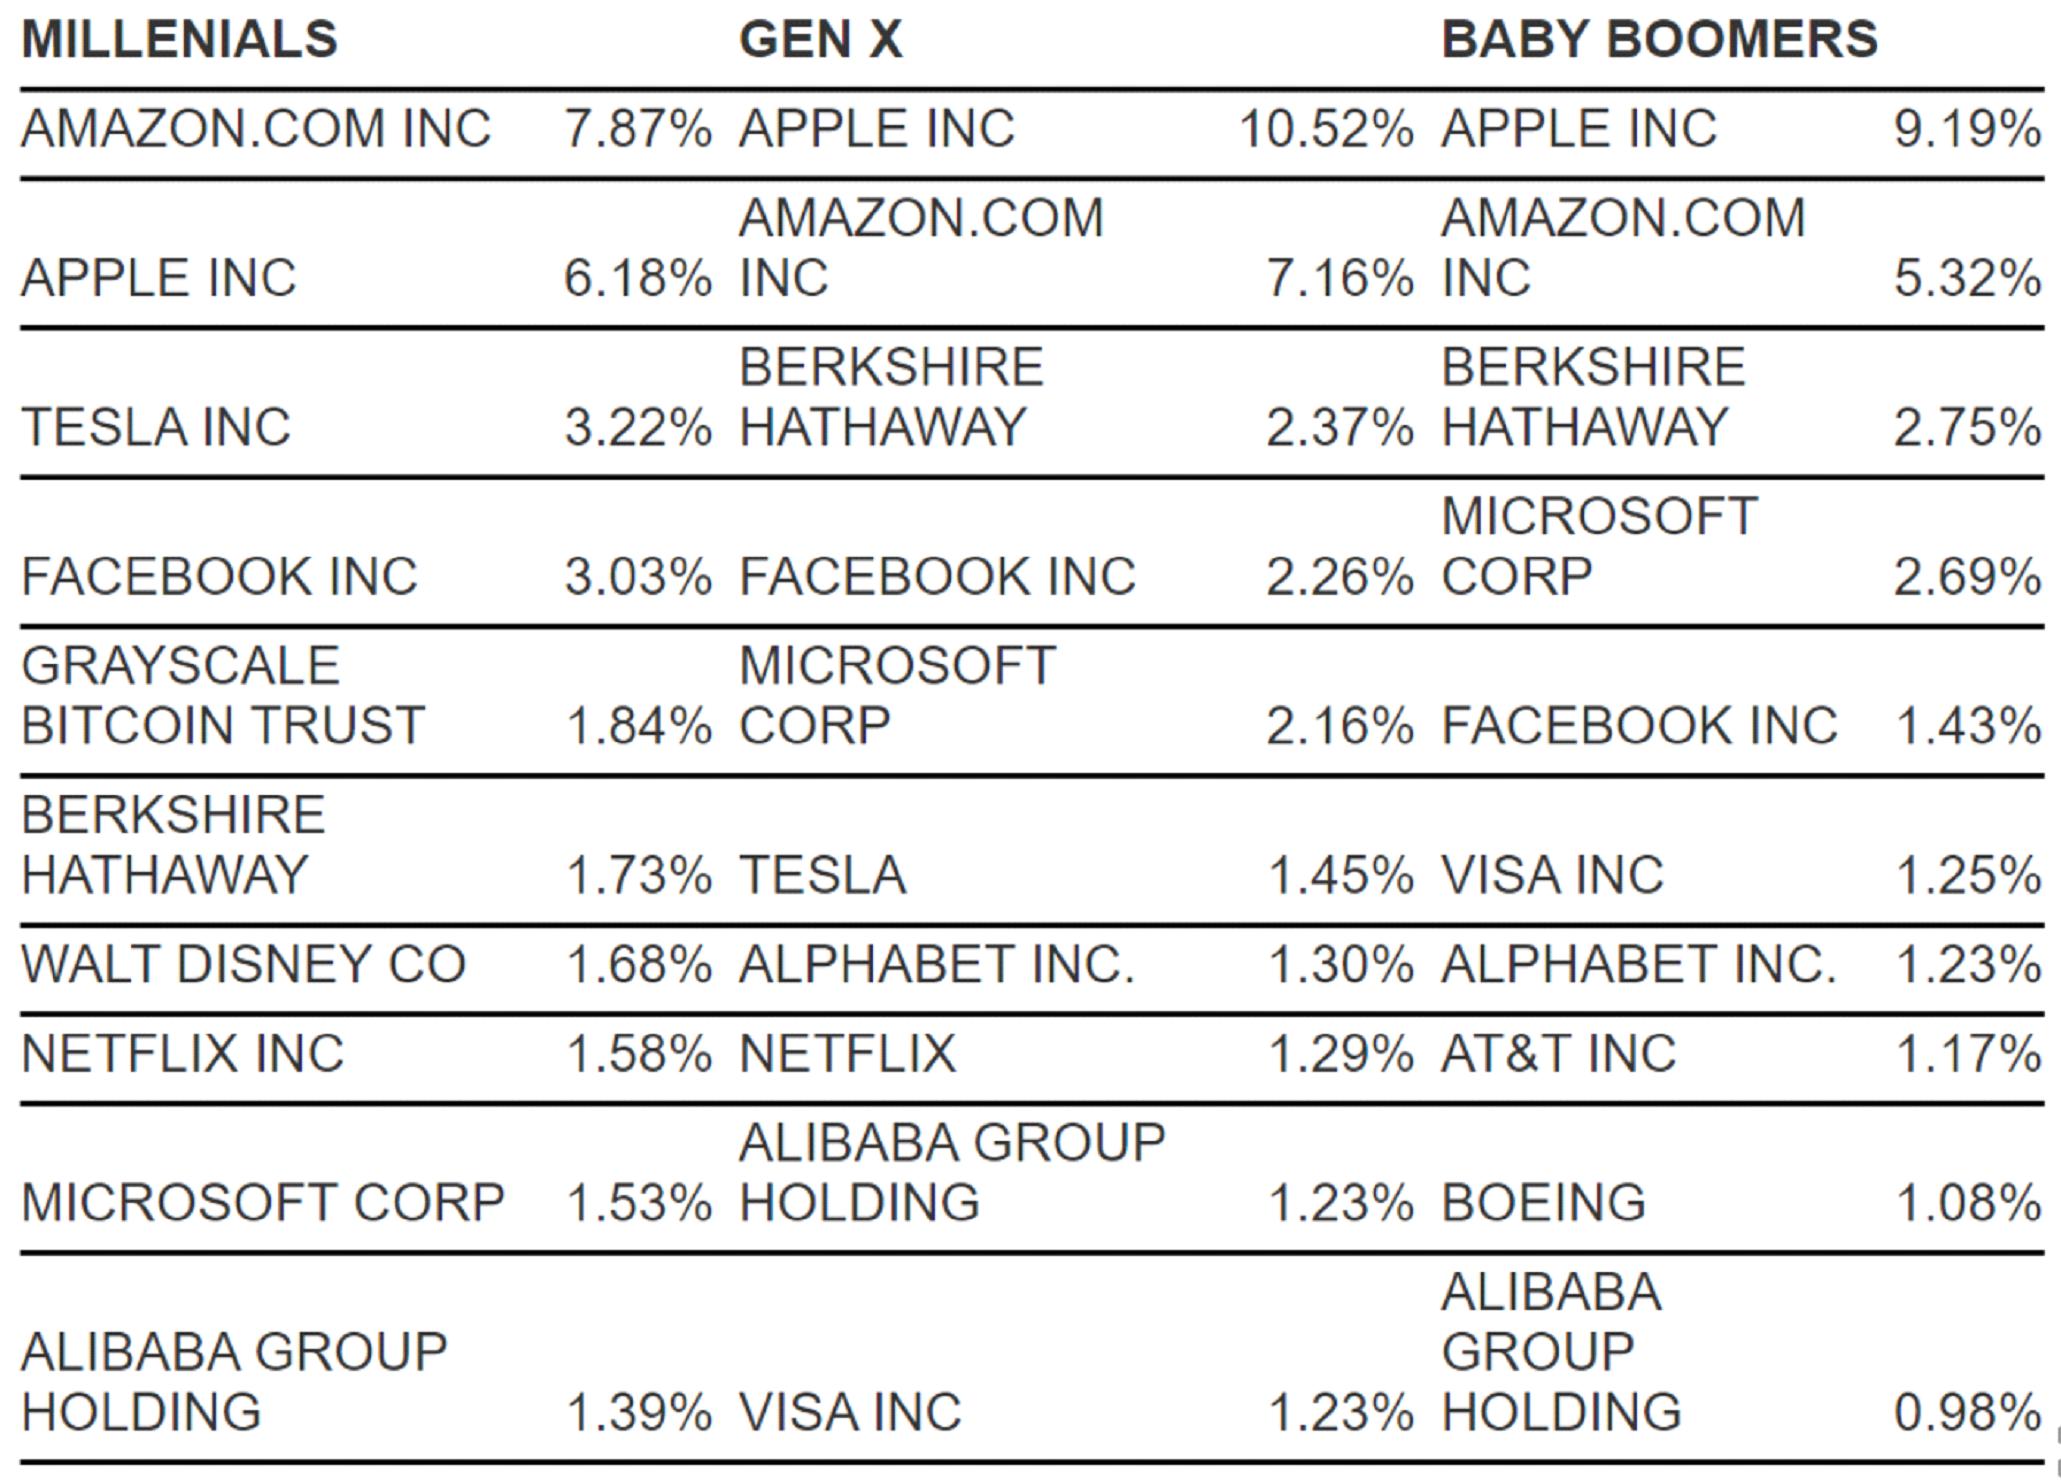 Najpopularnije akcije kompanija u odnosu na generaciju